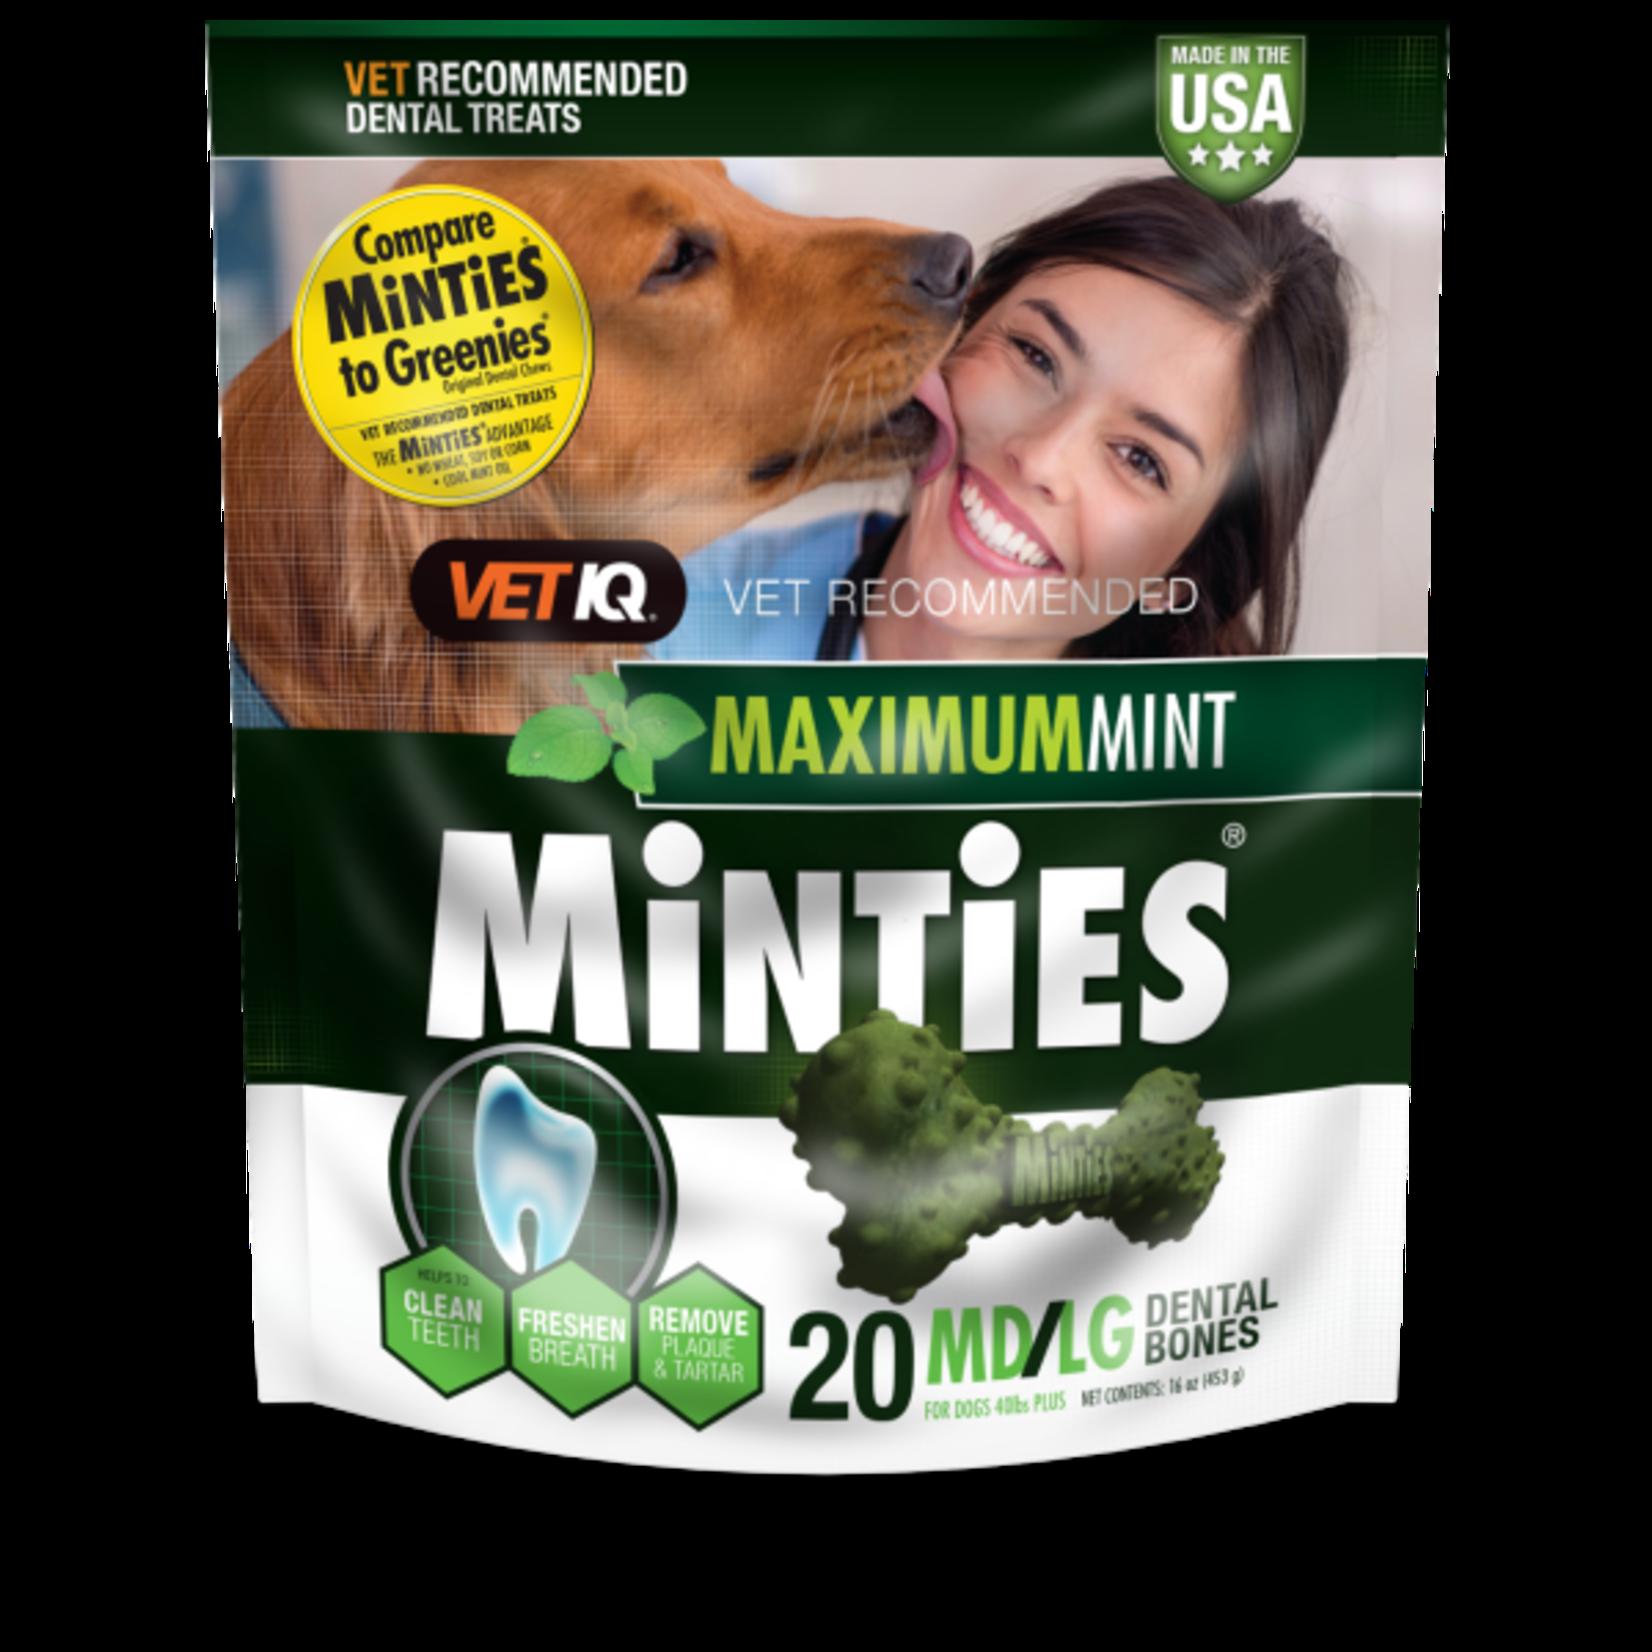 Minties Maximum Mint Dental Bones MD/LG 16oz 20ct